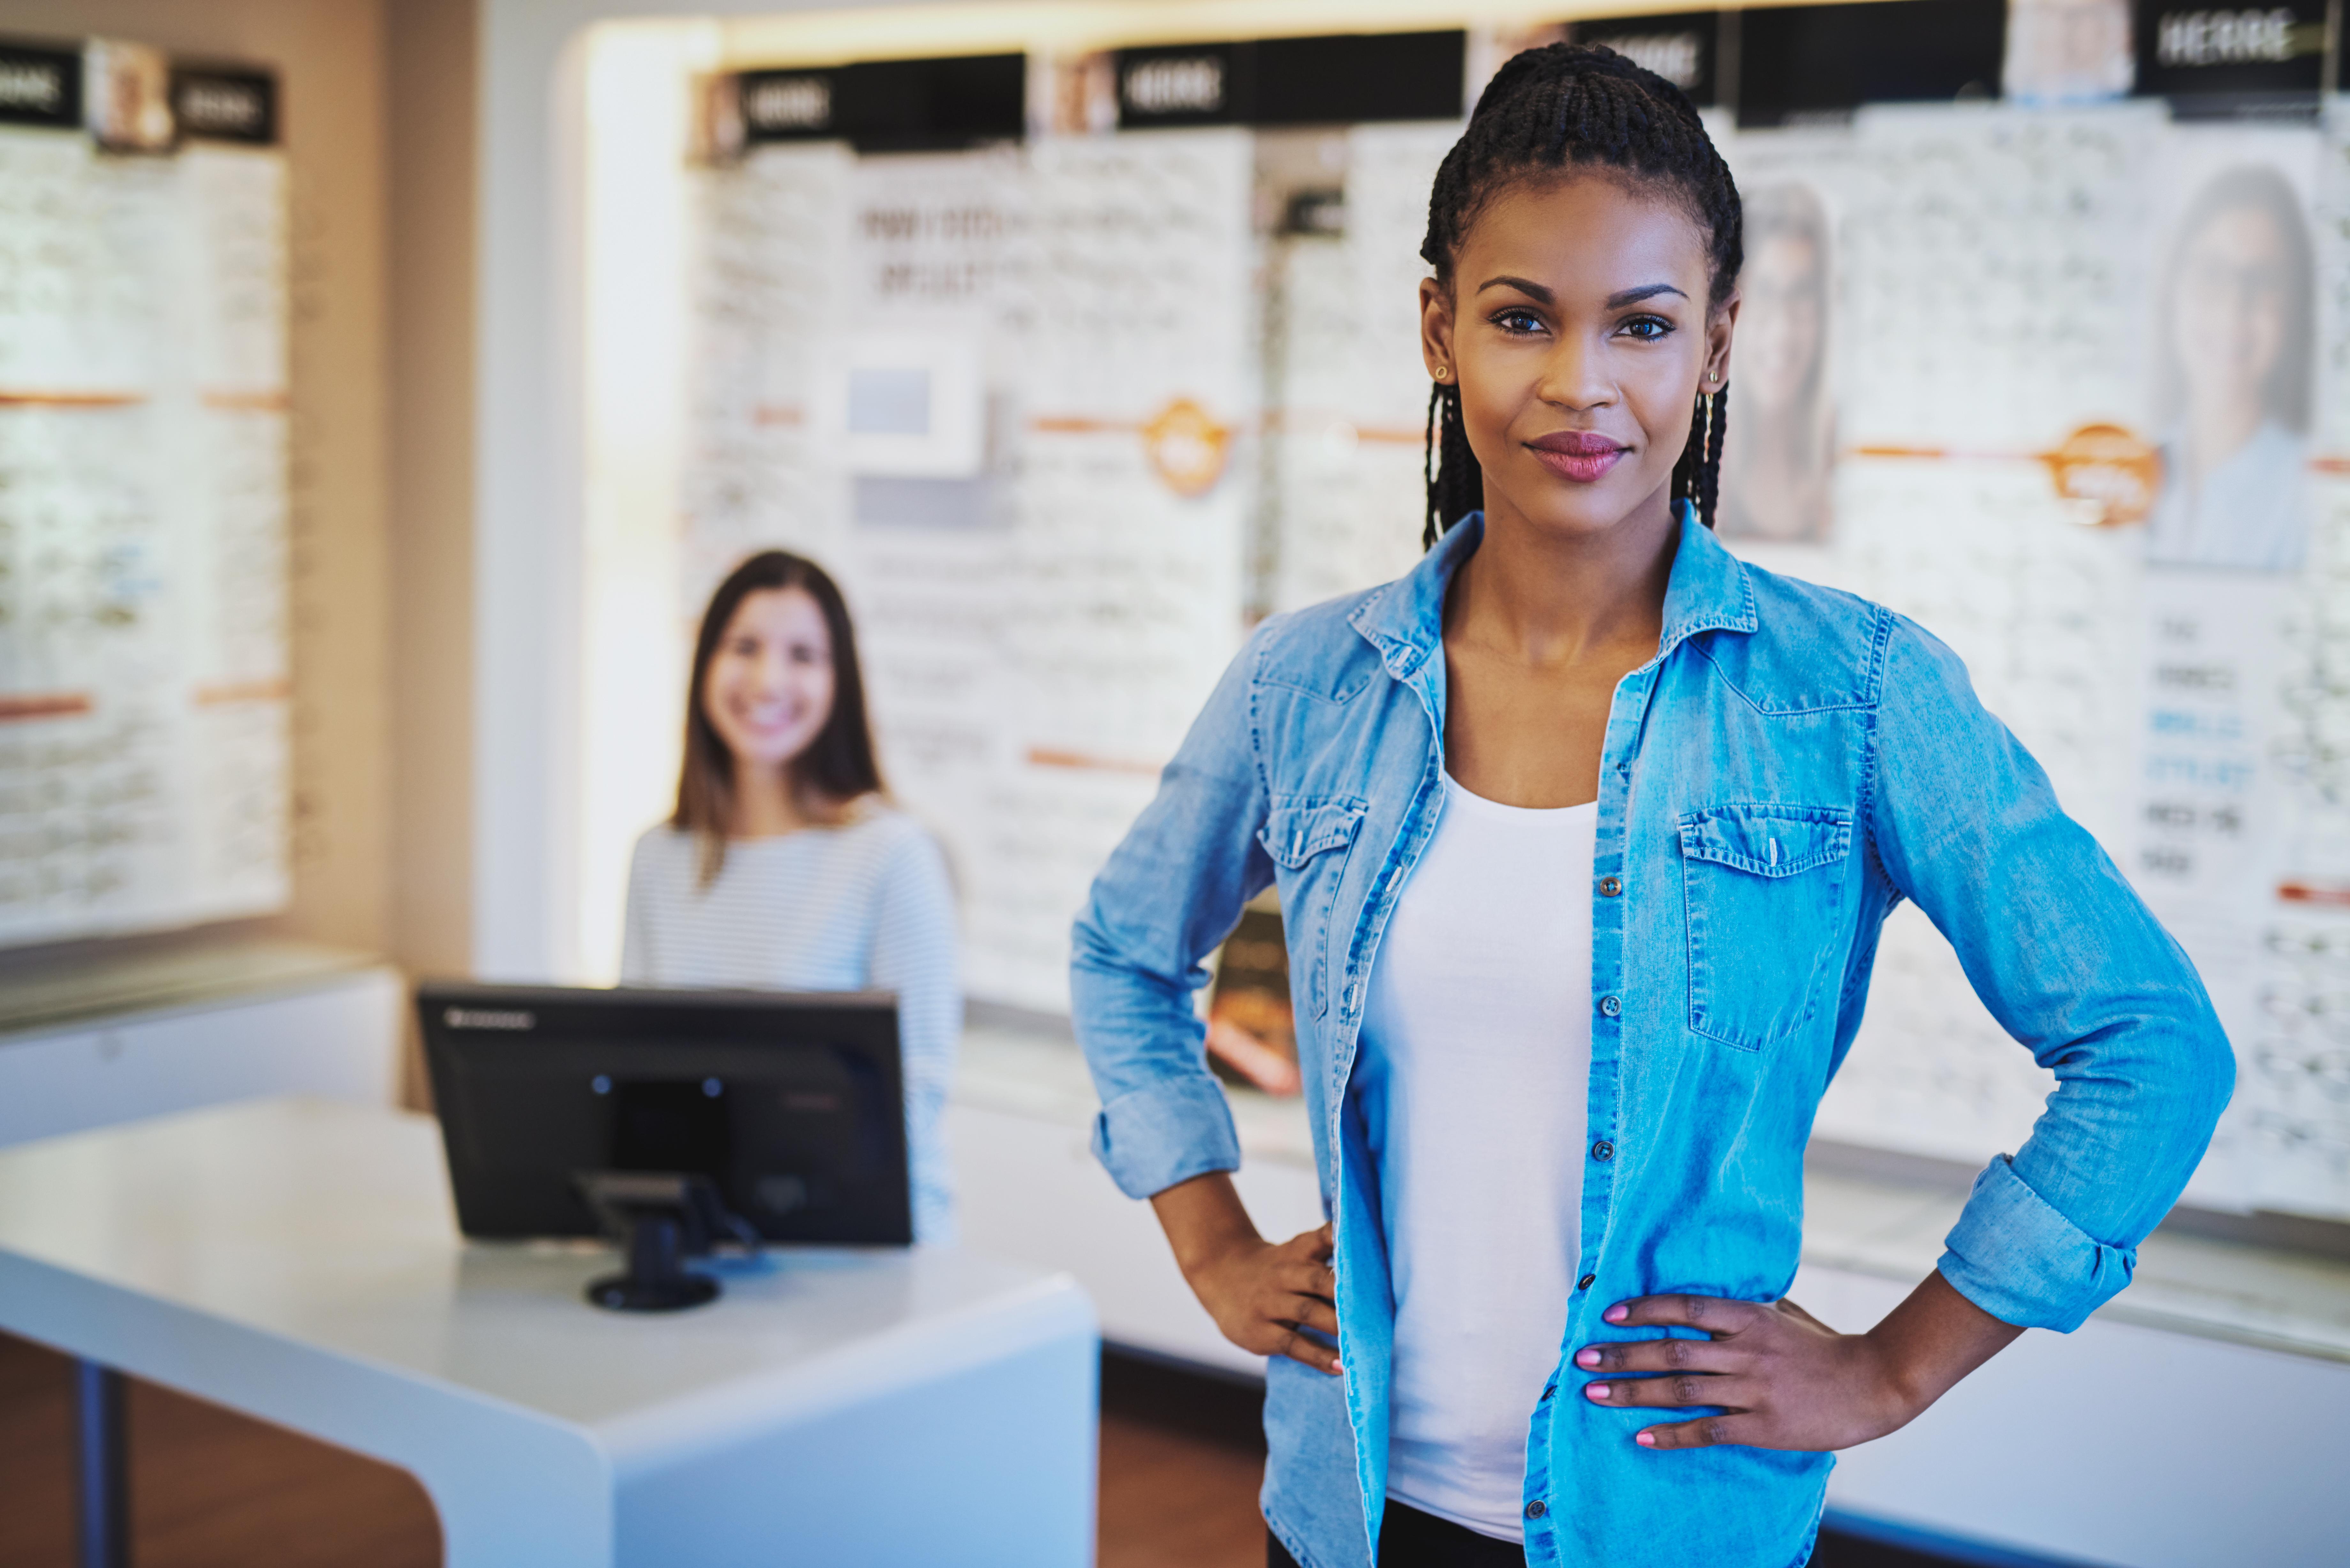 Where Do Women Entrepreneurs Find Startup Funding?